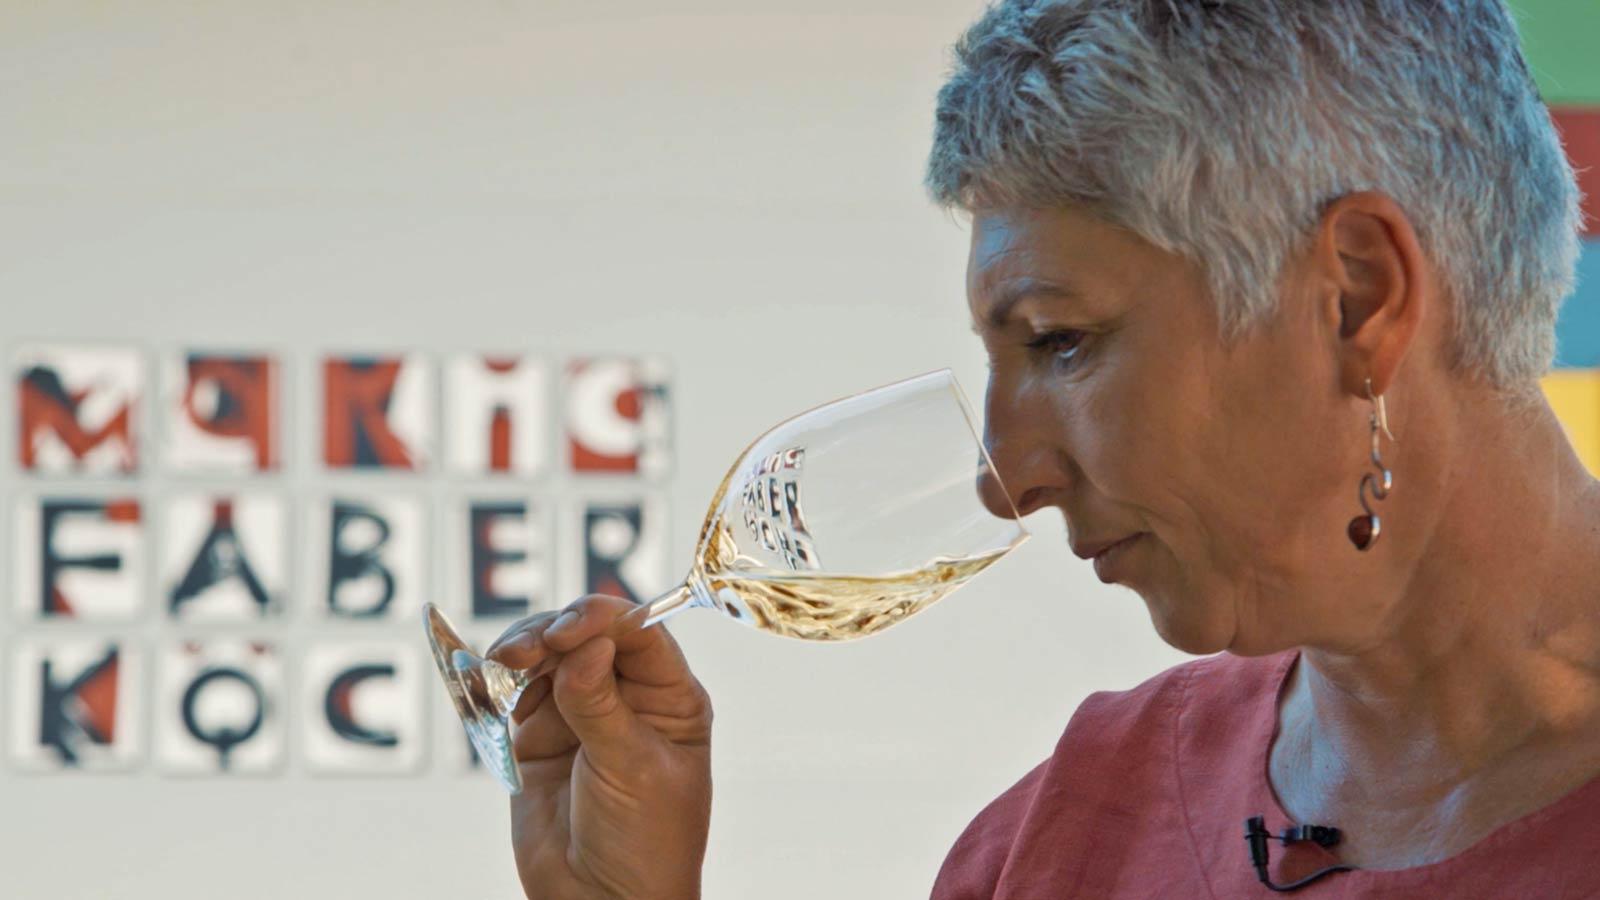 Maria Faber-Köchl verkostet ein Glas Grüner Veltliner Saazen